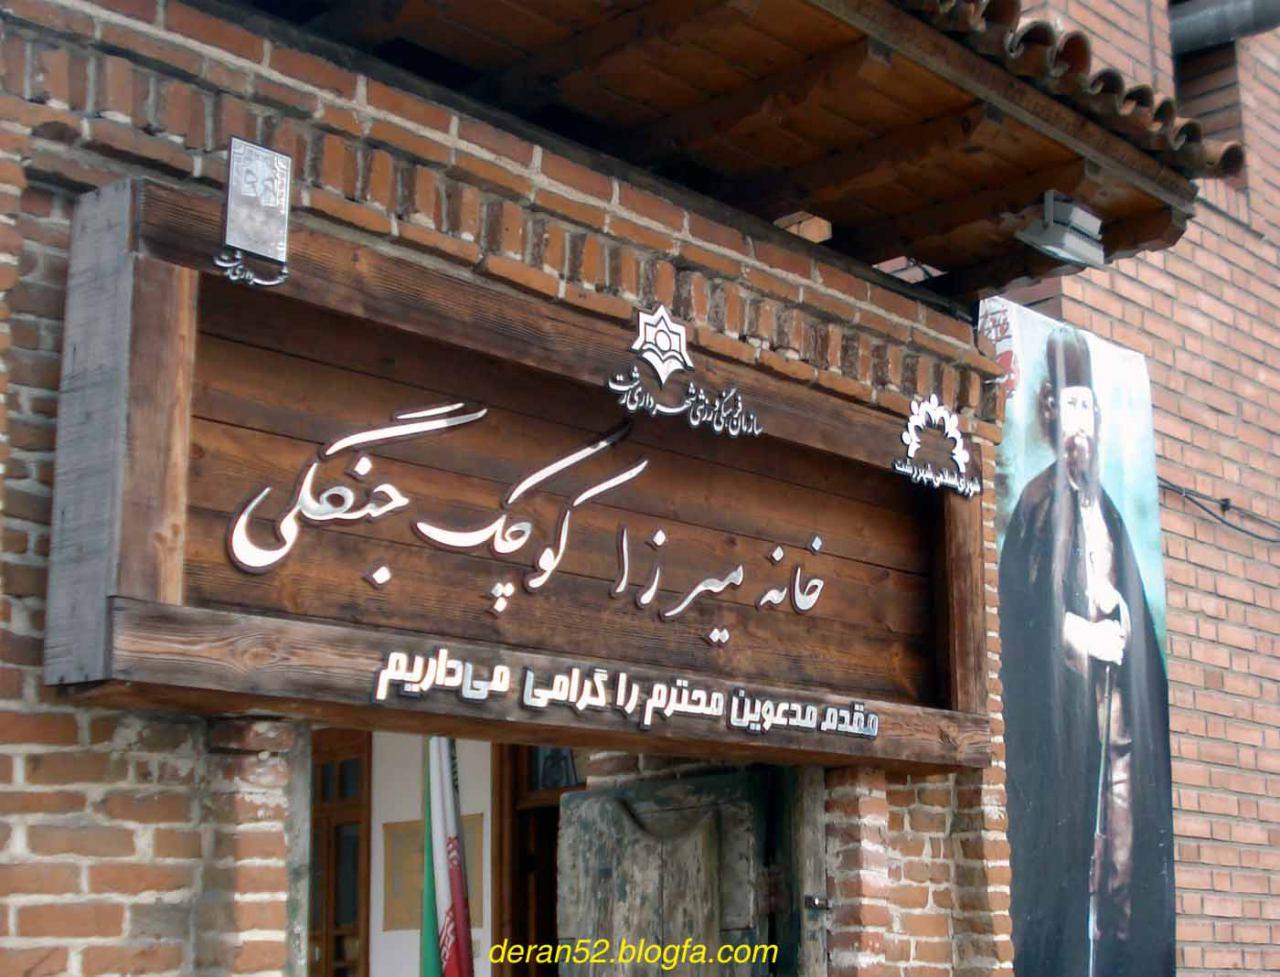 لینک گروه تلگرام 15 ساله ها خانه موزه میرزا کوچک جنگلی